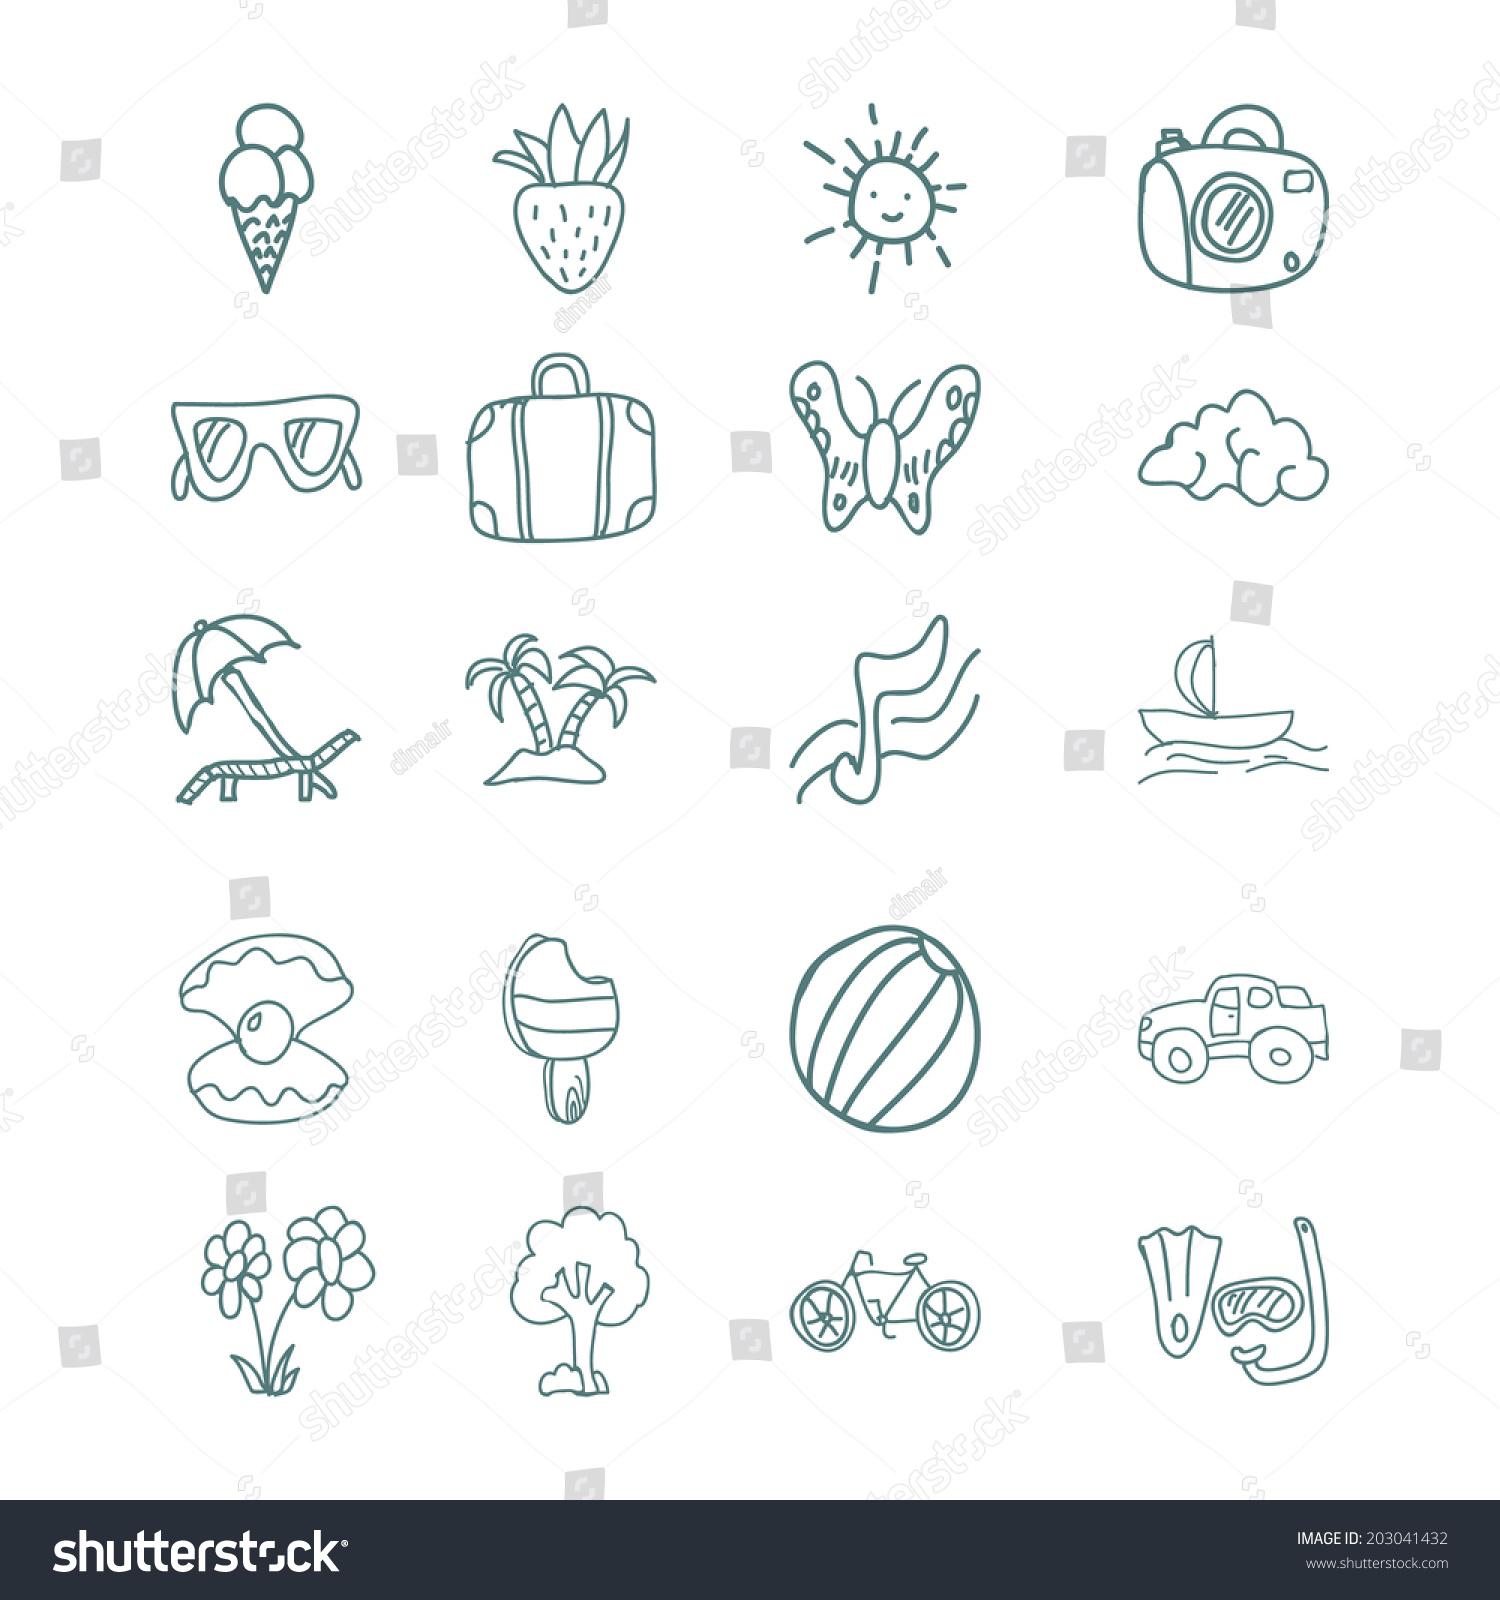 手绘矢量图标集冰淇淋球伞手提箱太阳眼镜蝴蝶微笑云.